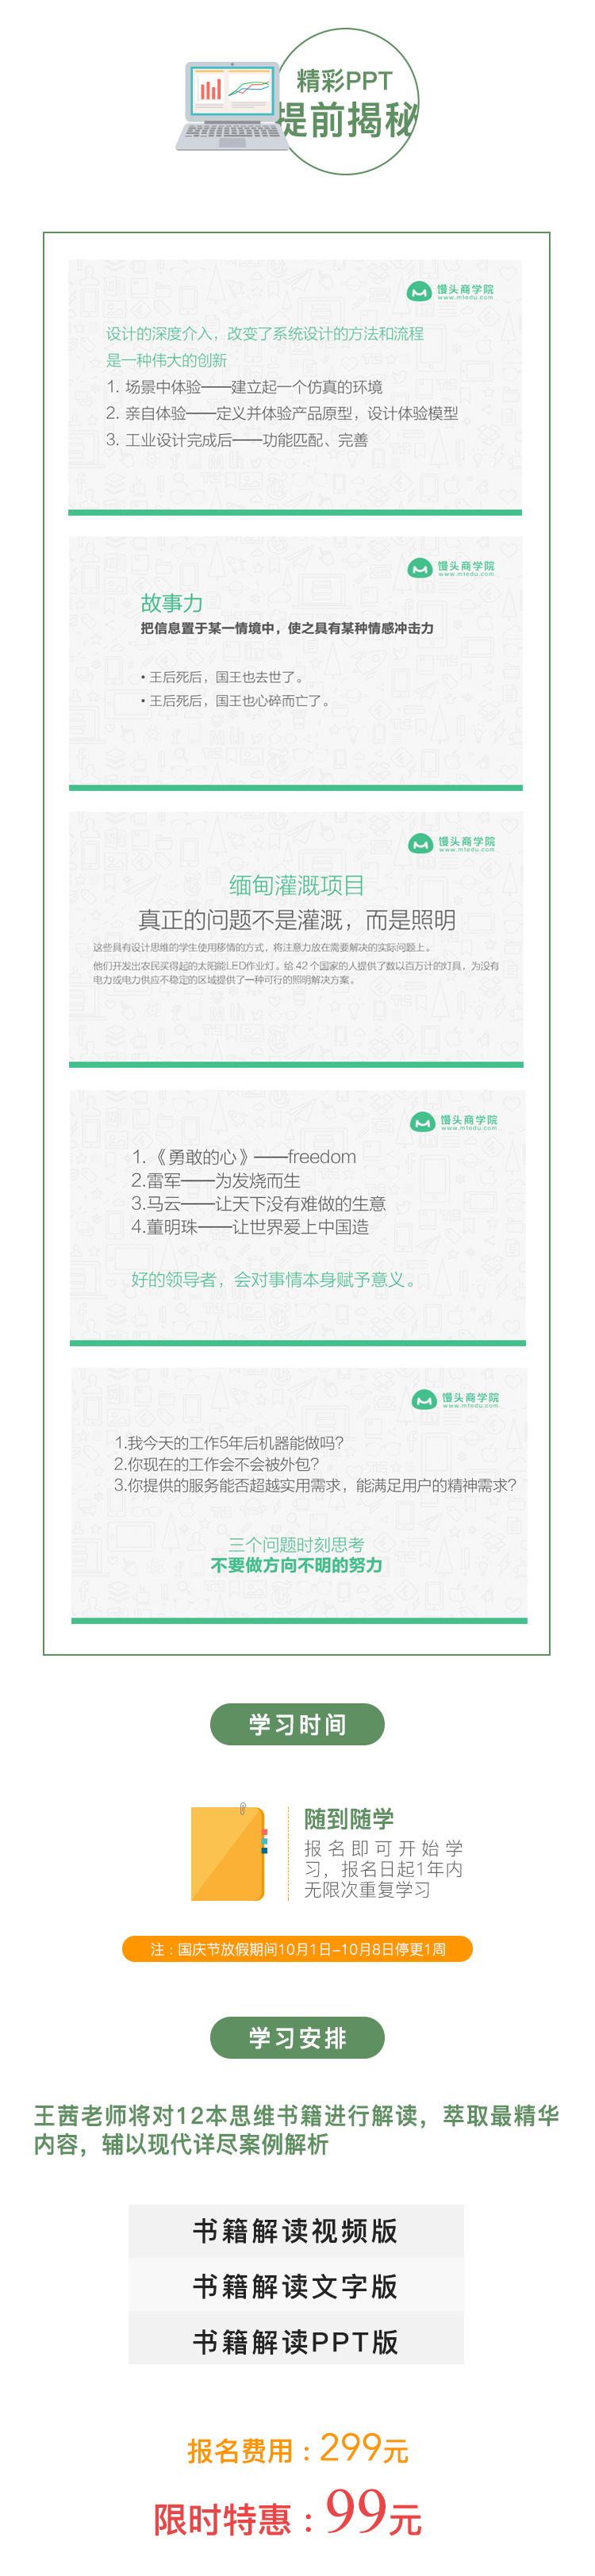 http://mtedu-img.oss-cn-beijing-internal.aliyuncs.com/ueditor/20180518170100_267576.jpg